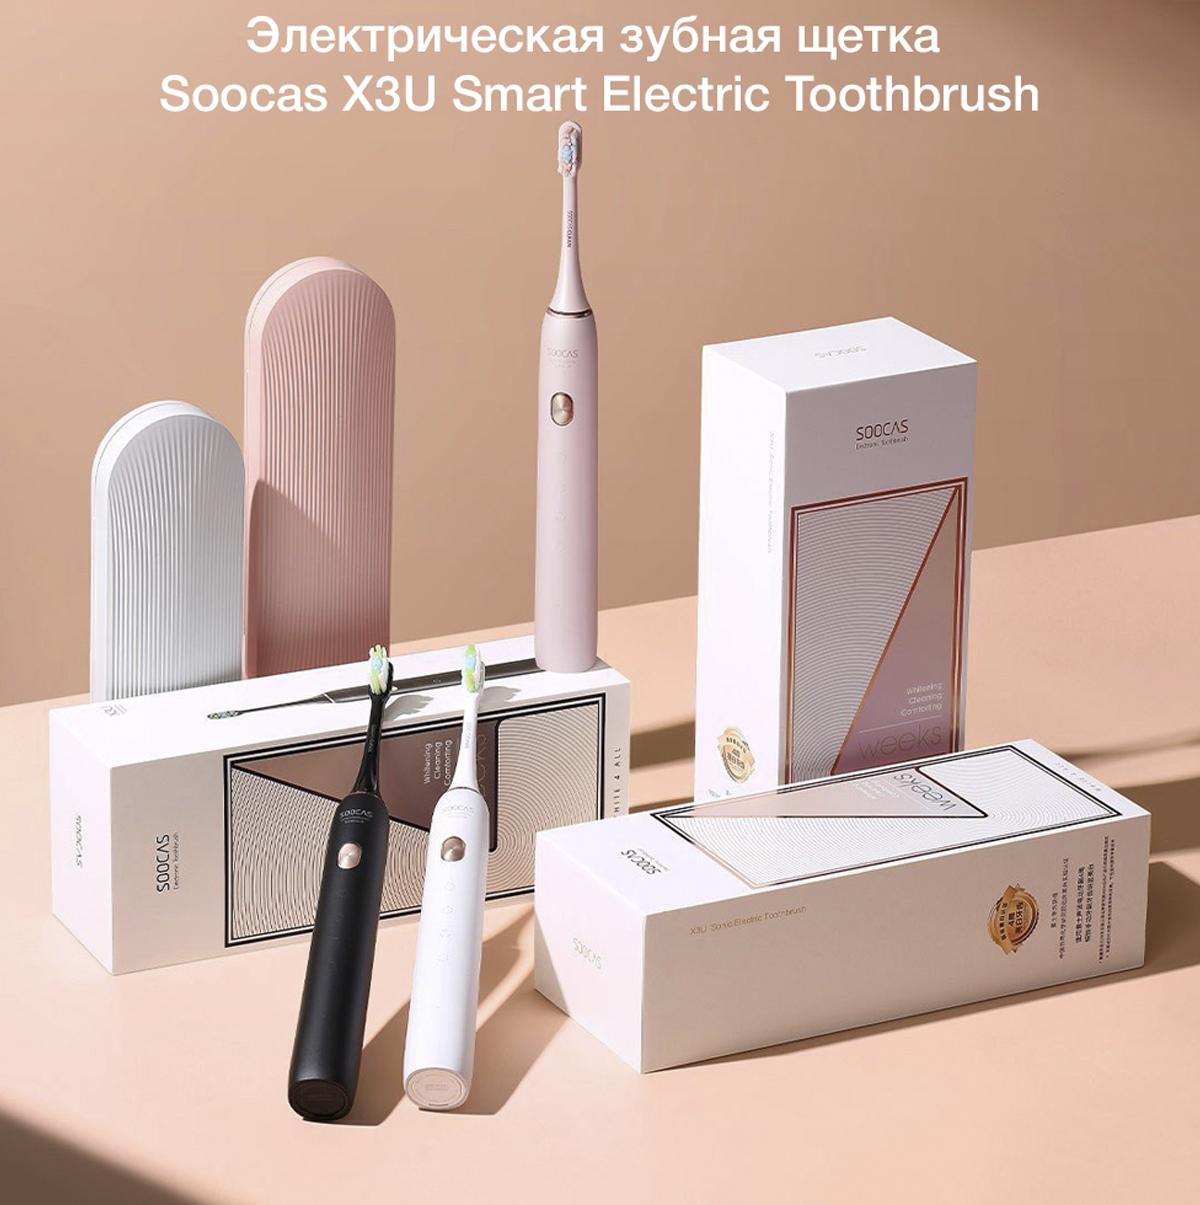 Электрическая зубная щетка Soocas X3U Smart Electric Toothbrush